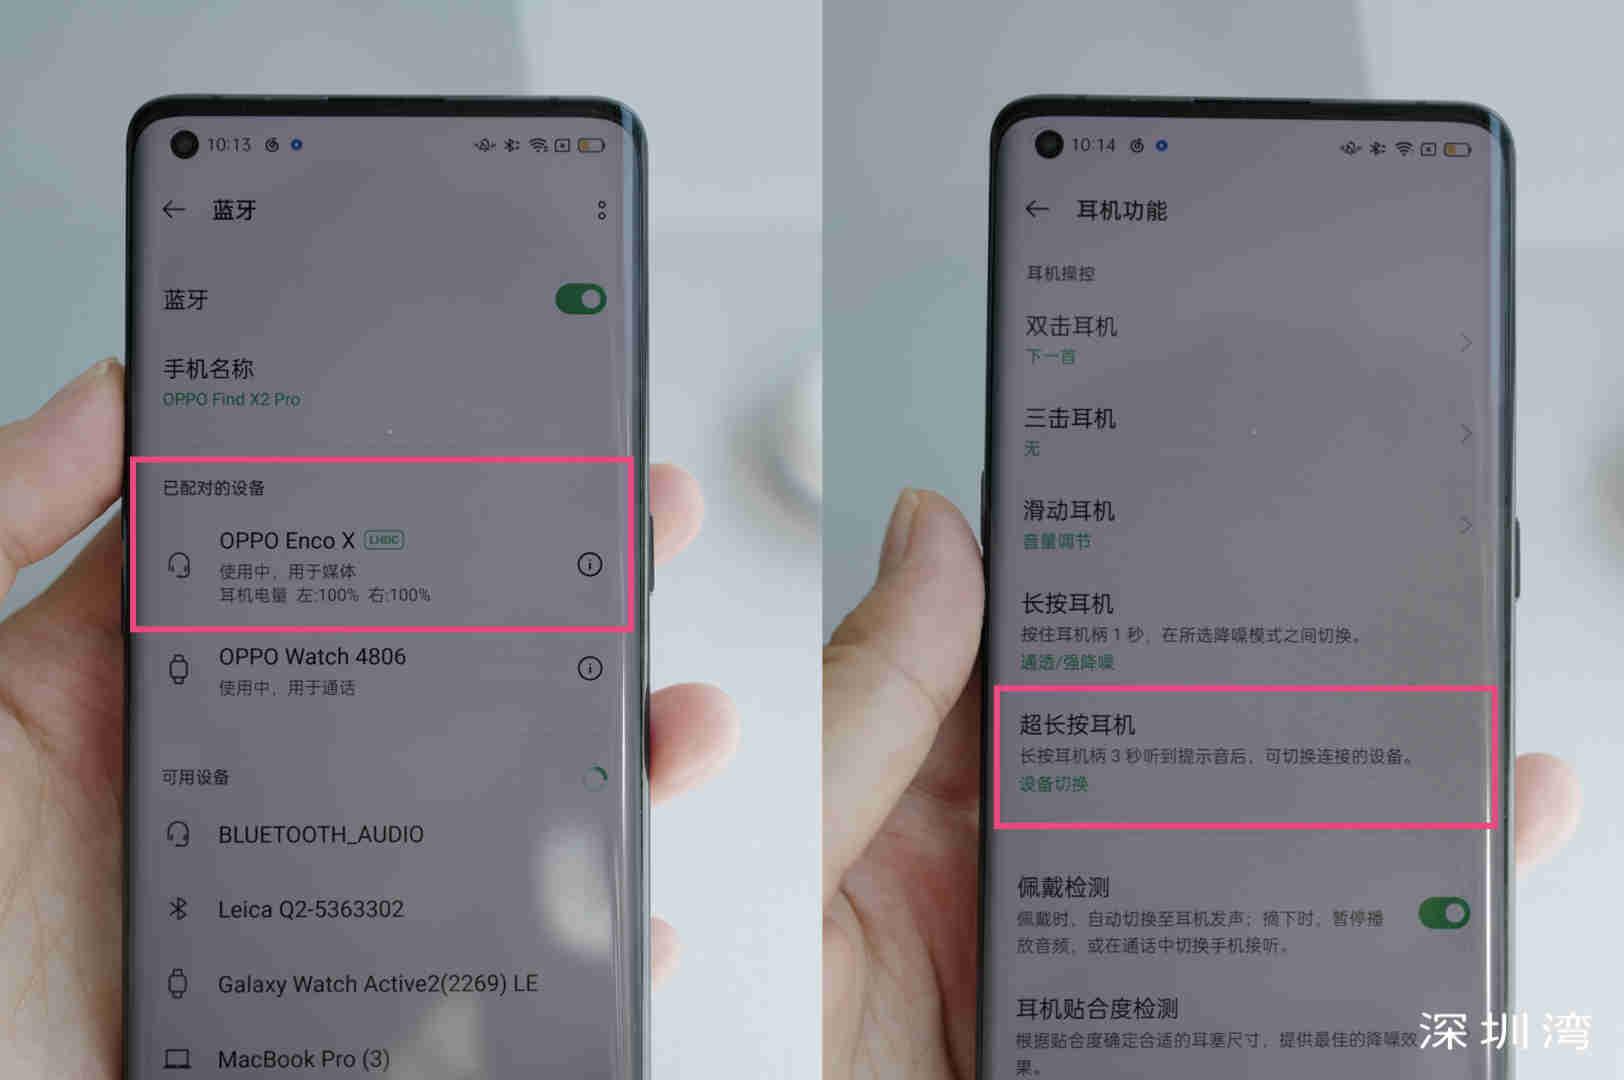 OPPO Enco X 手机端功能设置